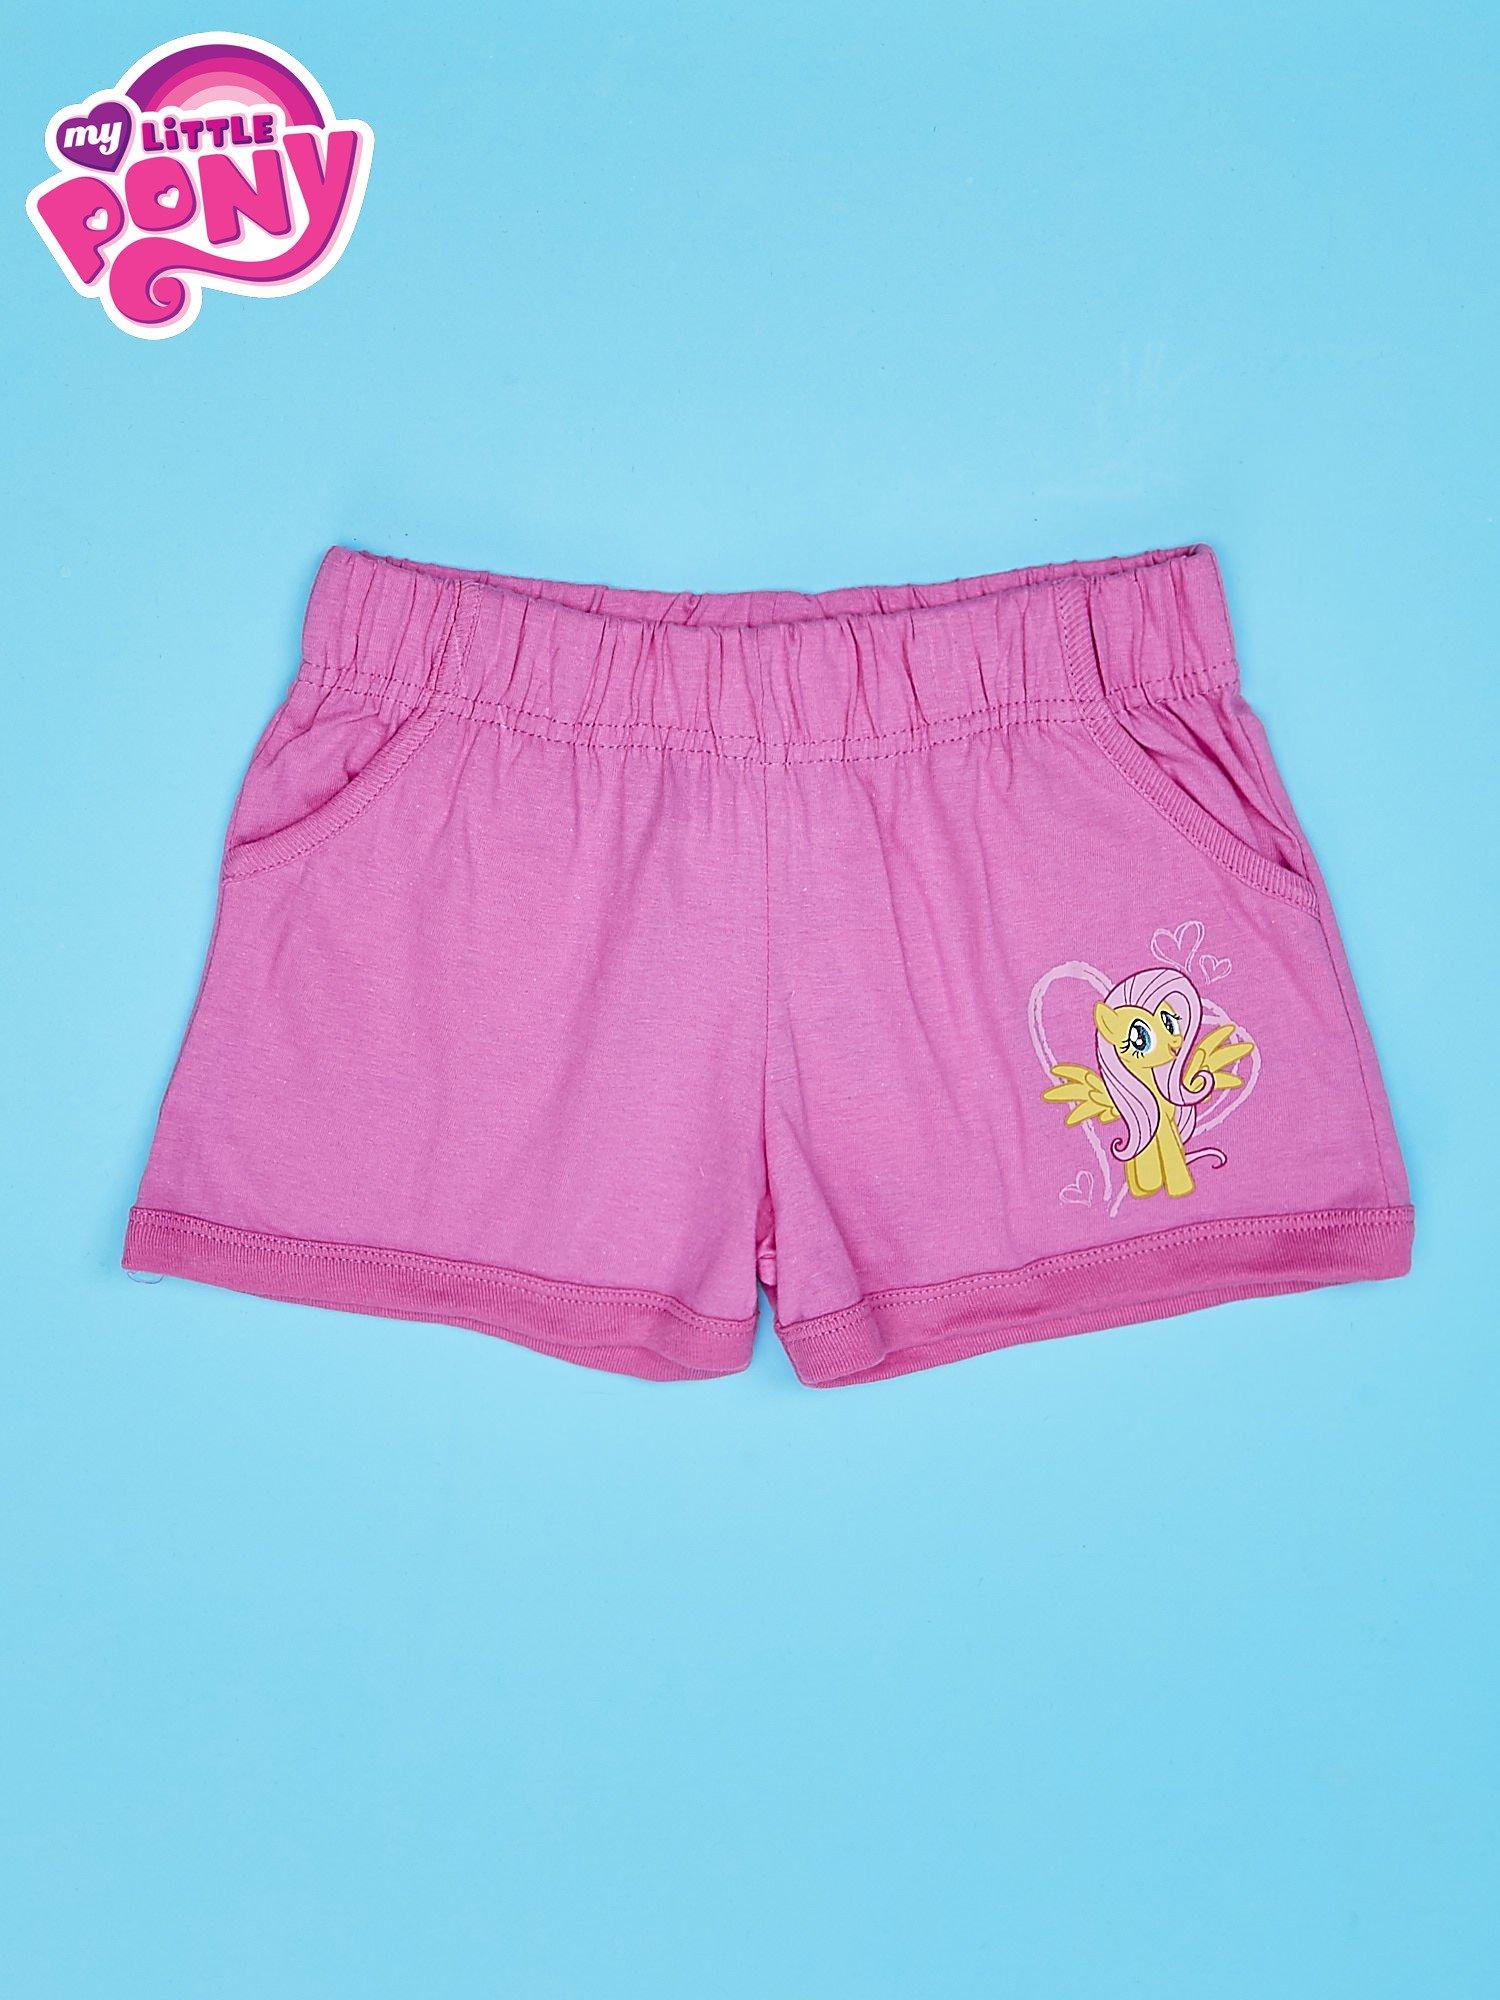 Różowe szorty dla dziewczynki MY LITTLE PONY                                  zdj.                                  1